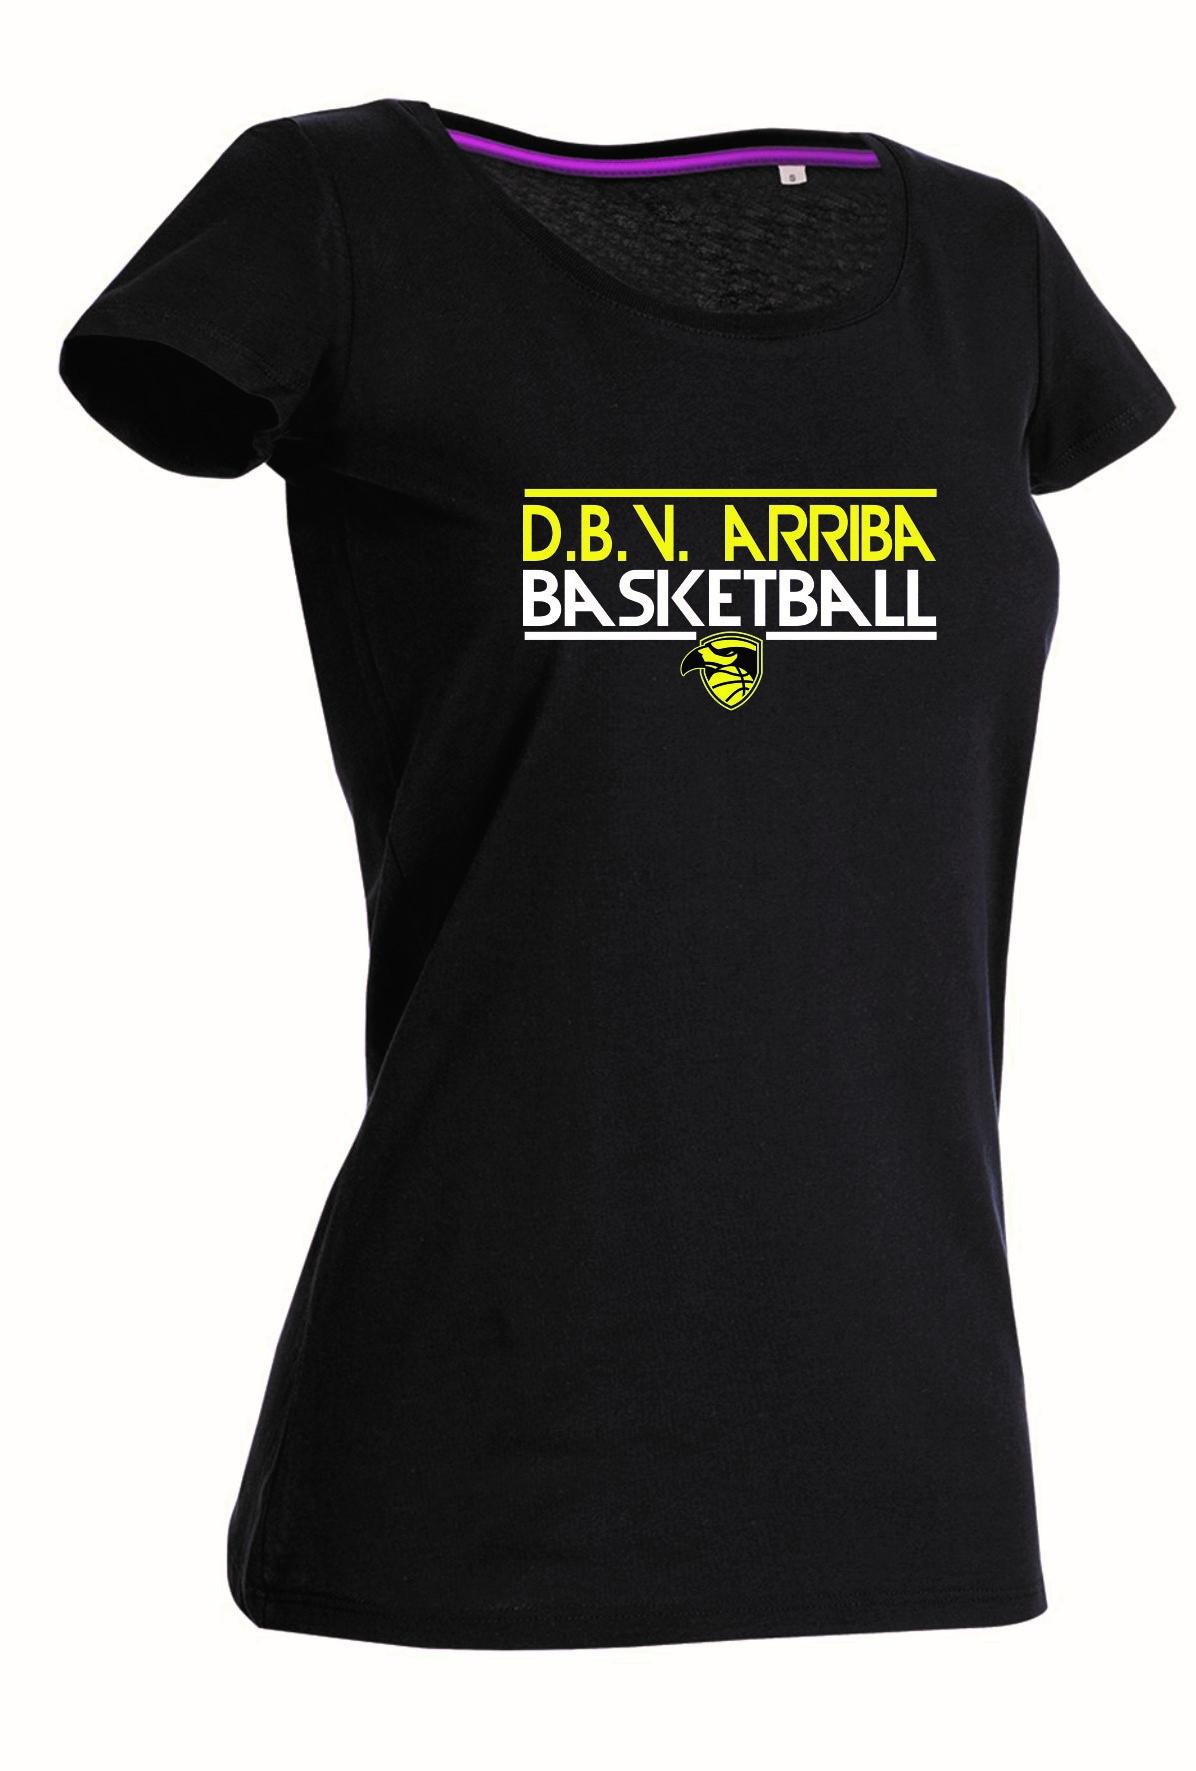 T-shirt women (text) Image